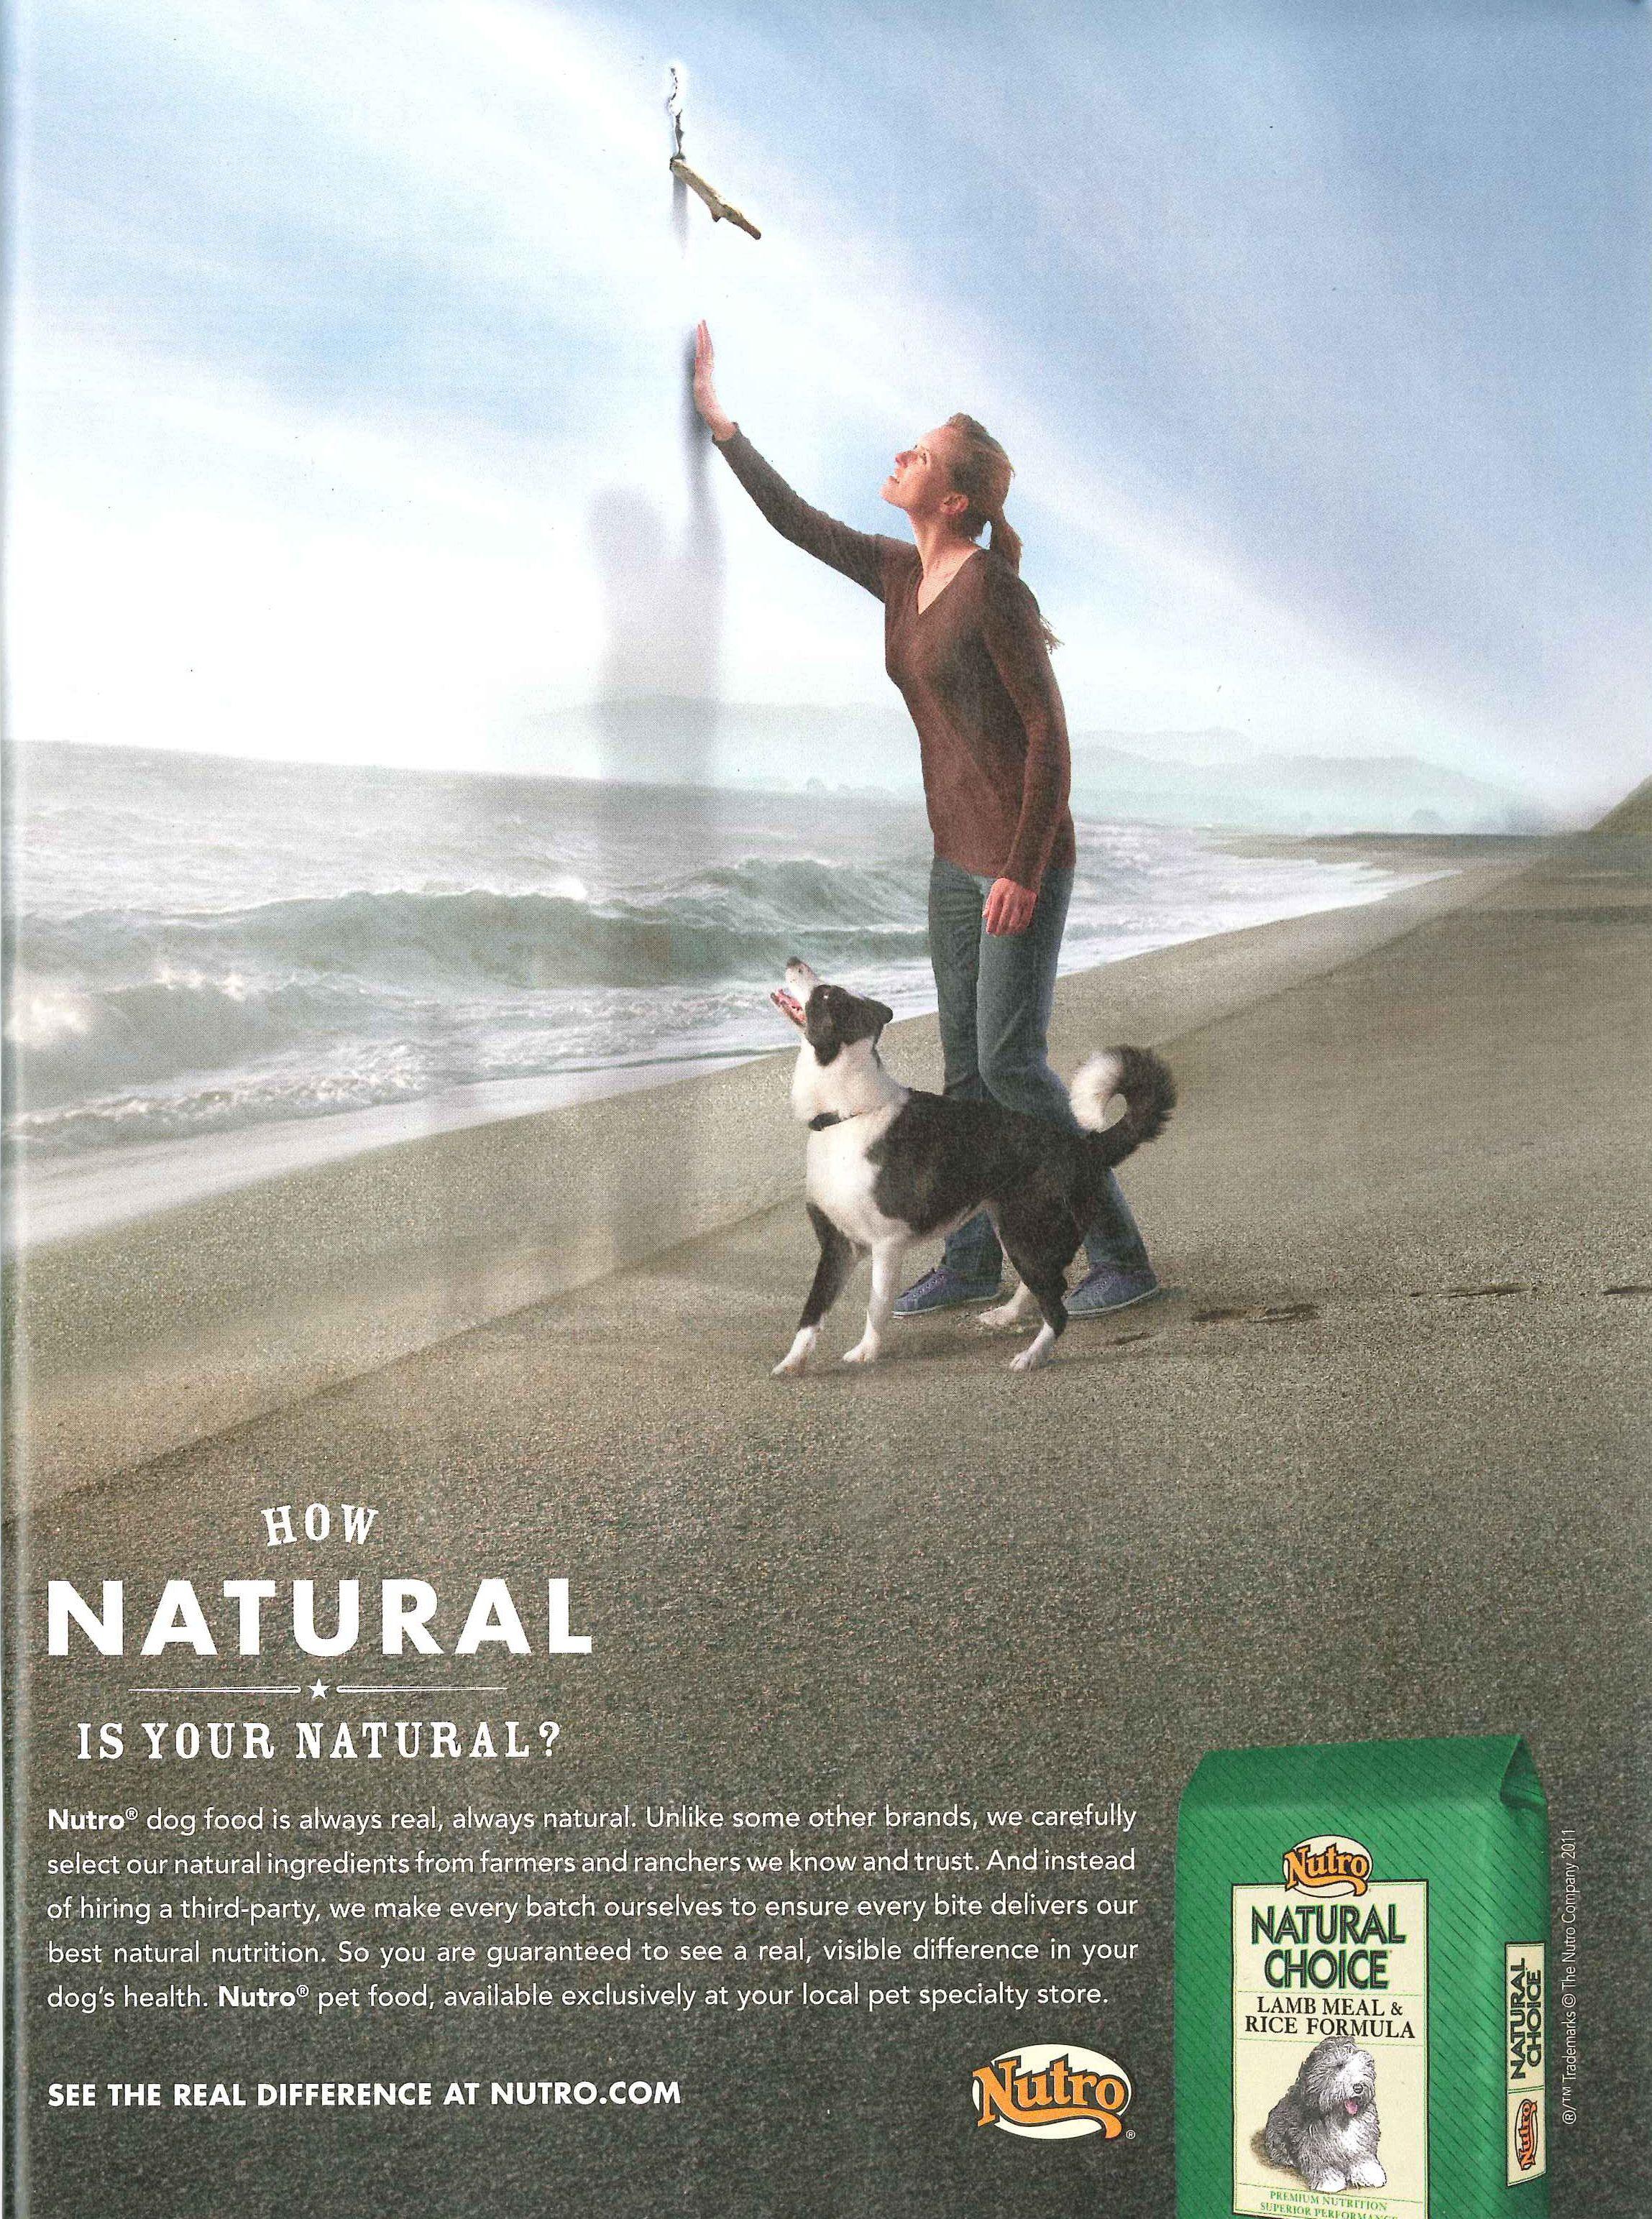 Natural Choice Print Ad Natural Nutrition Nature Print Ads